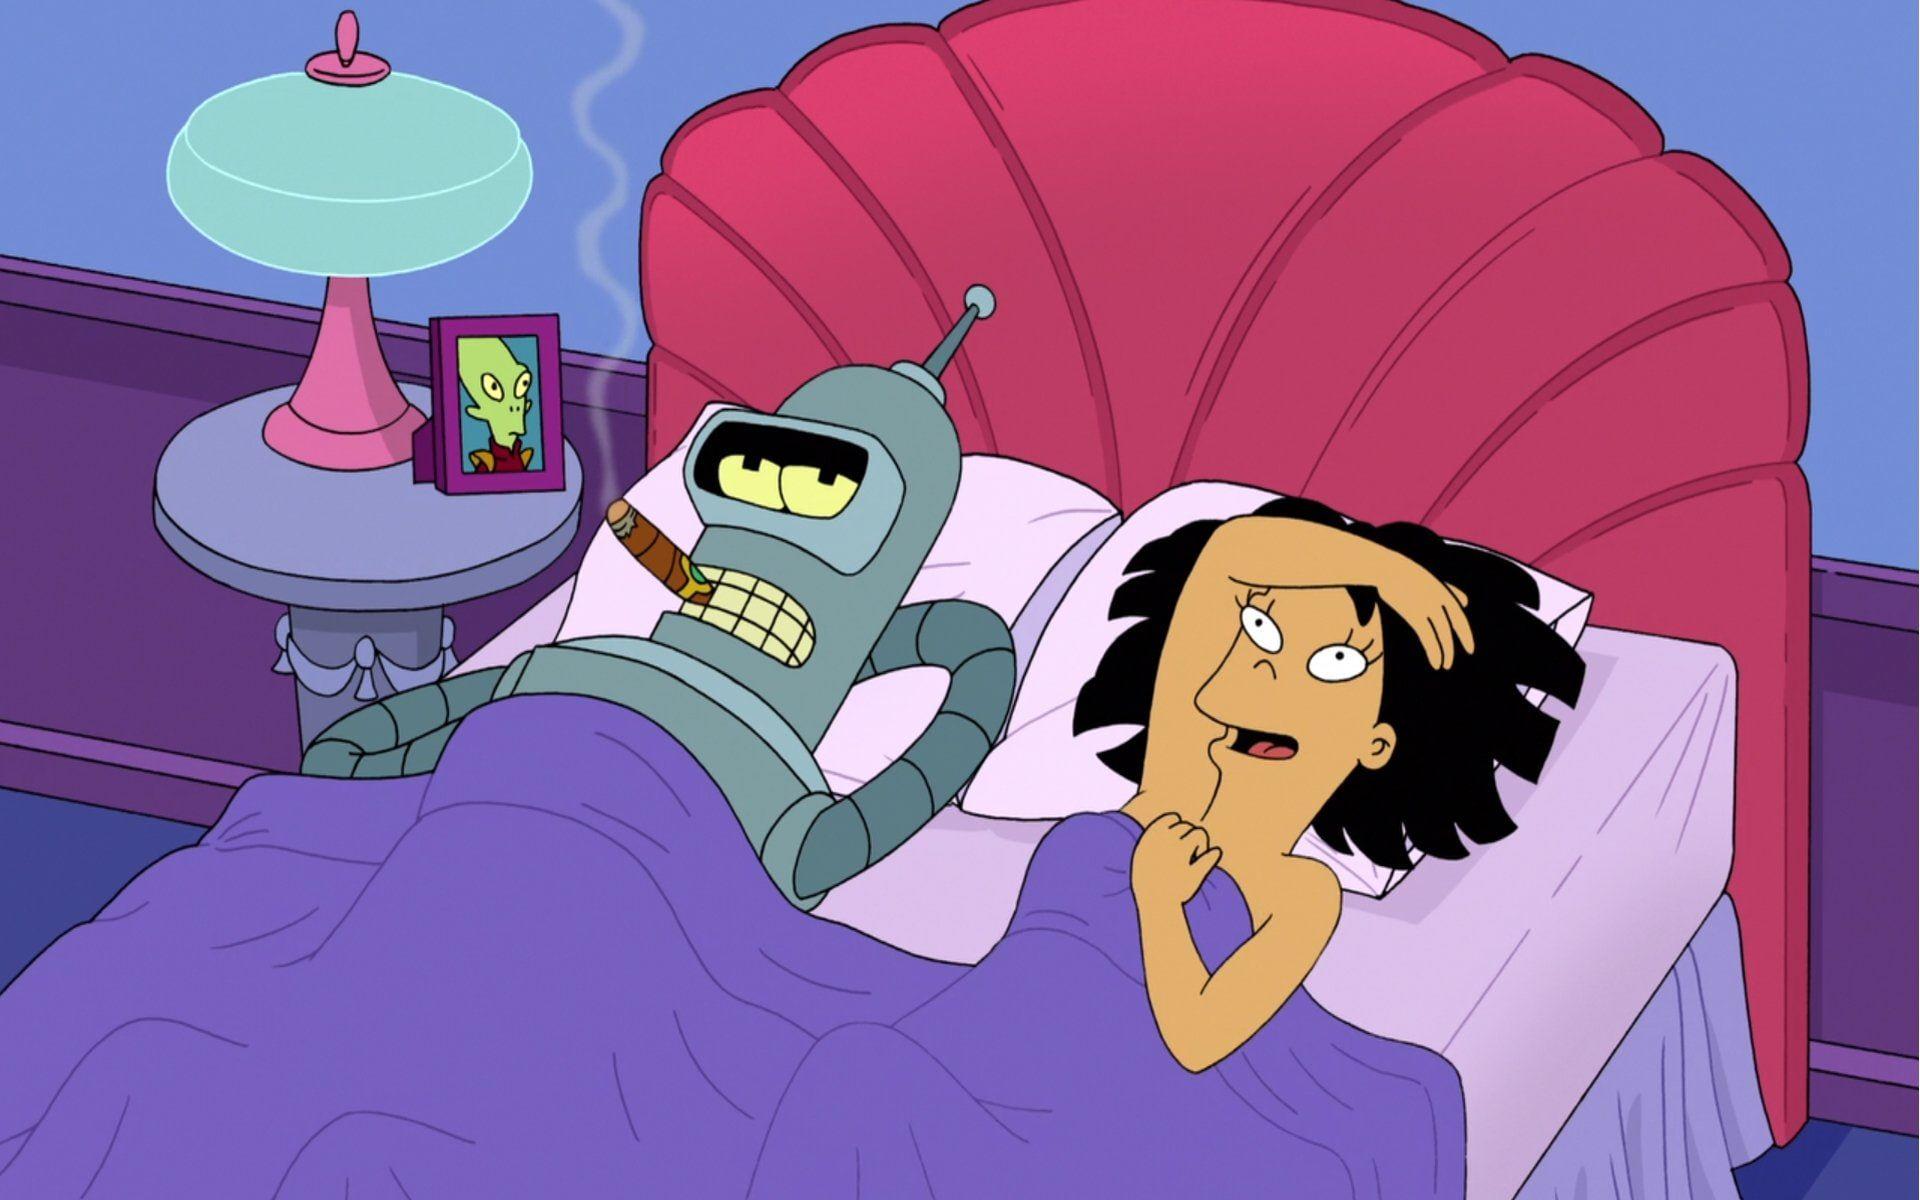 HD wallpaper: Futurama, Amy Wong, Bender (Futurama), adult, communication